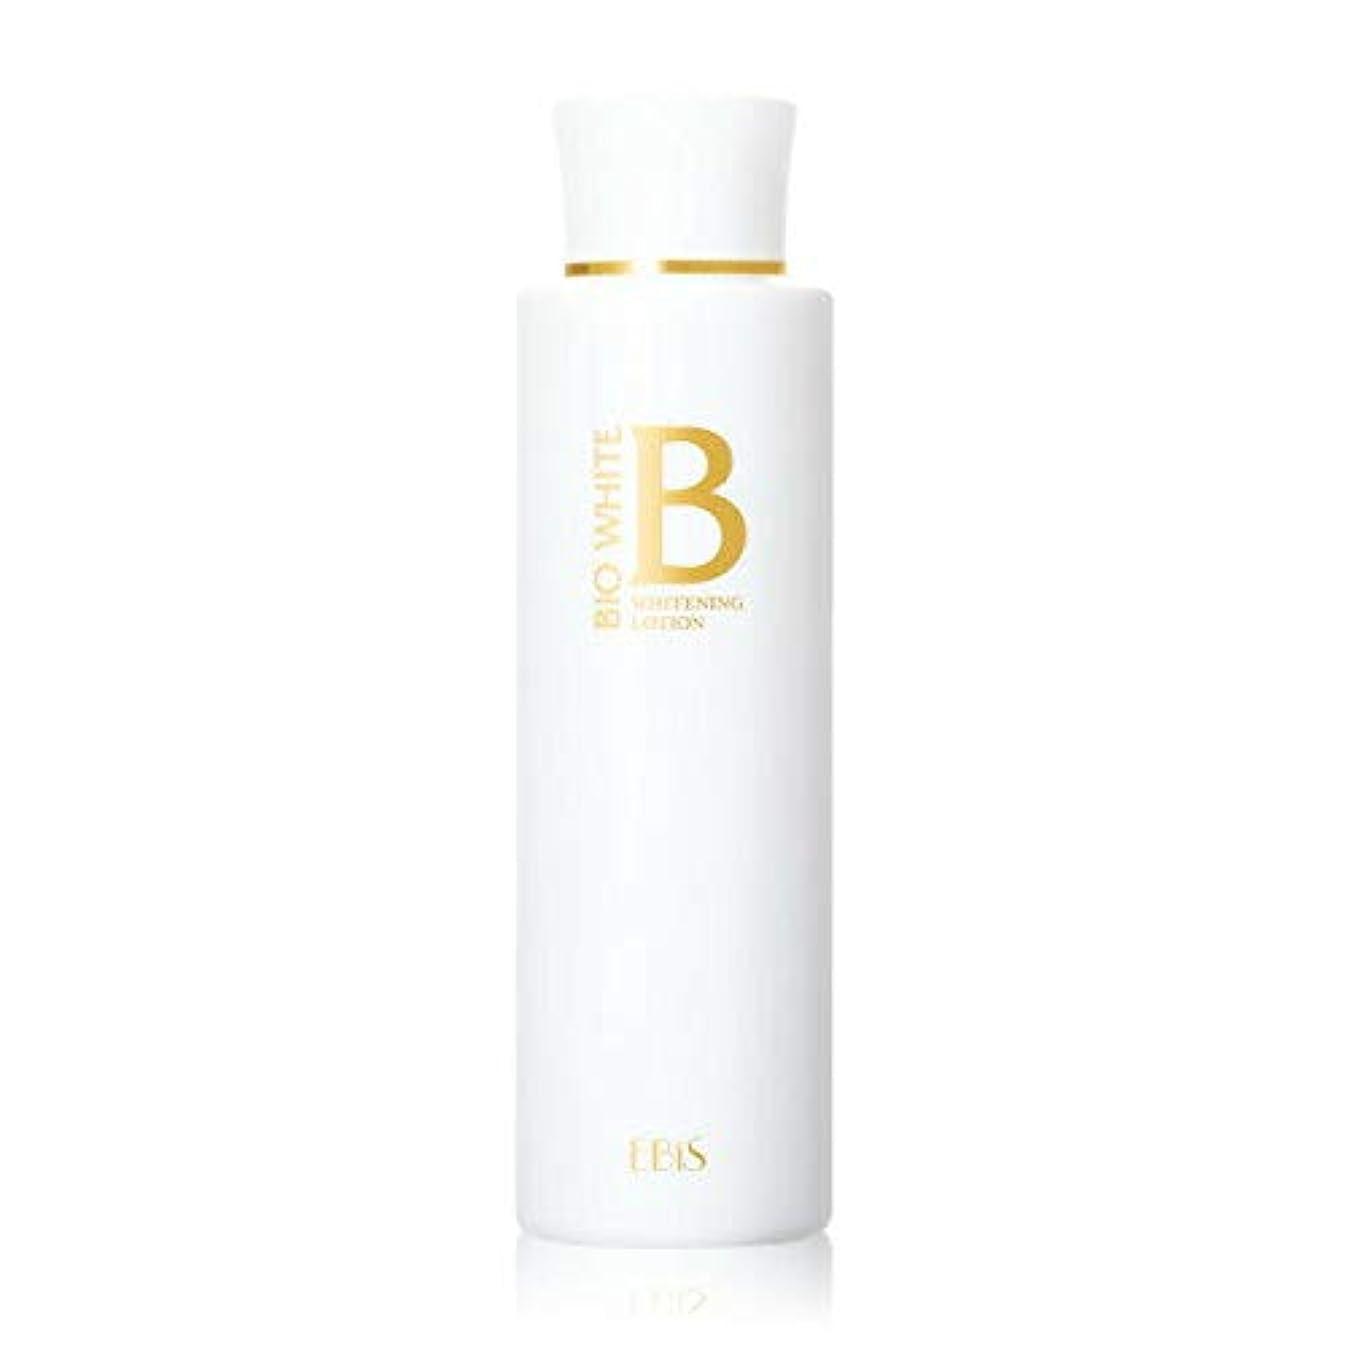 育成仲間きちんとしたエビス化粧品(EBiS) エビス ビーホワイトローション 150ml 美白化粧水 トラネキサム酸 配合 医薬部外品